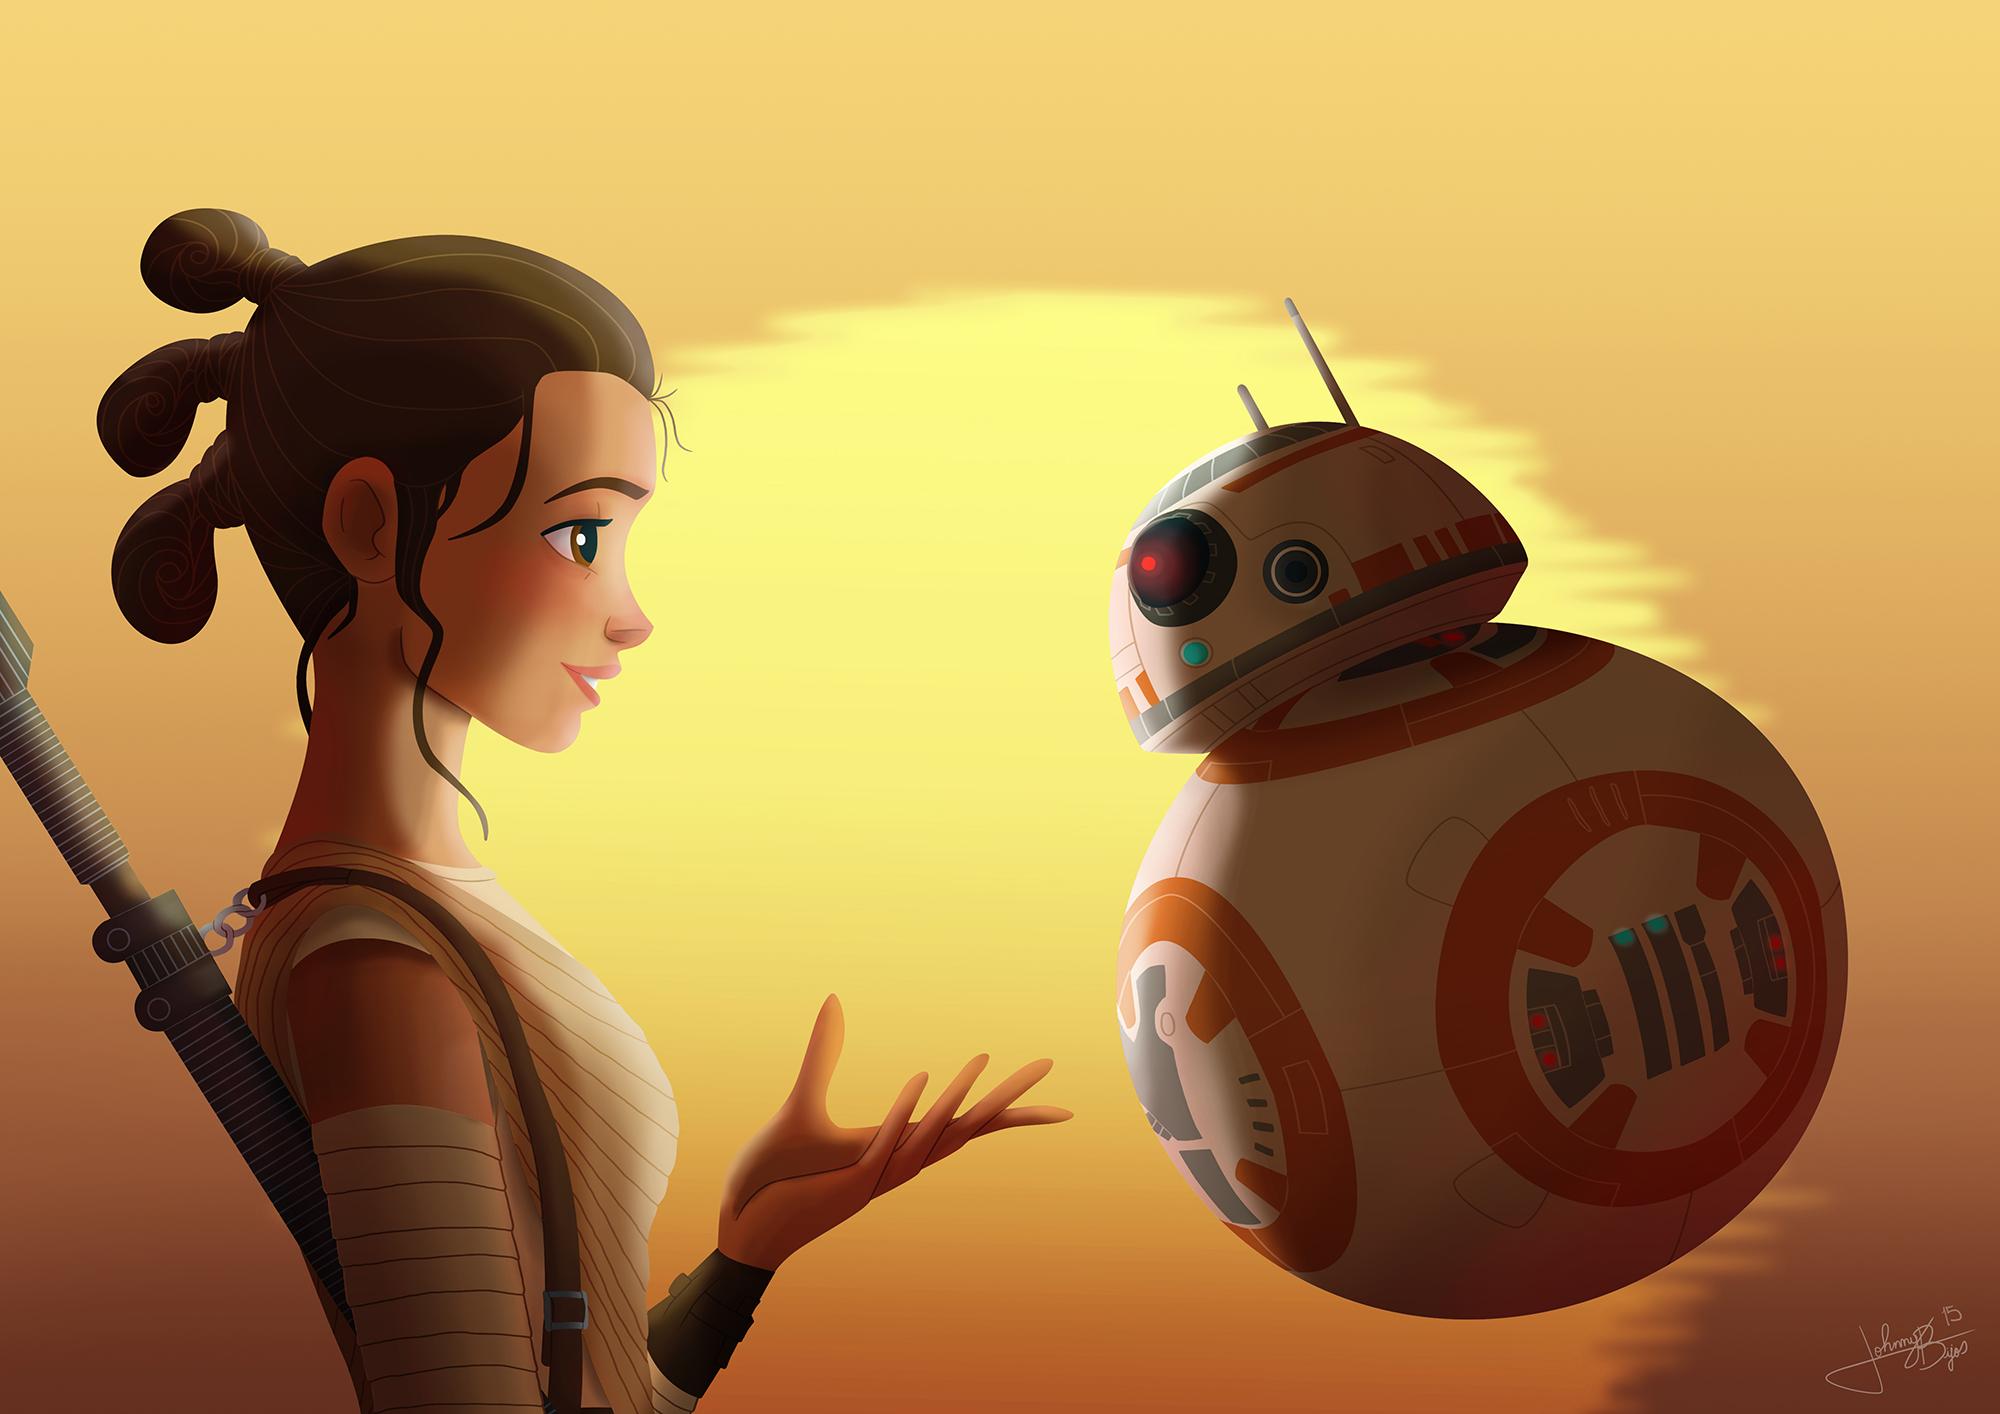 Star Wars Episodio Vii El Despertar De La Fuerza Fondo De